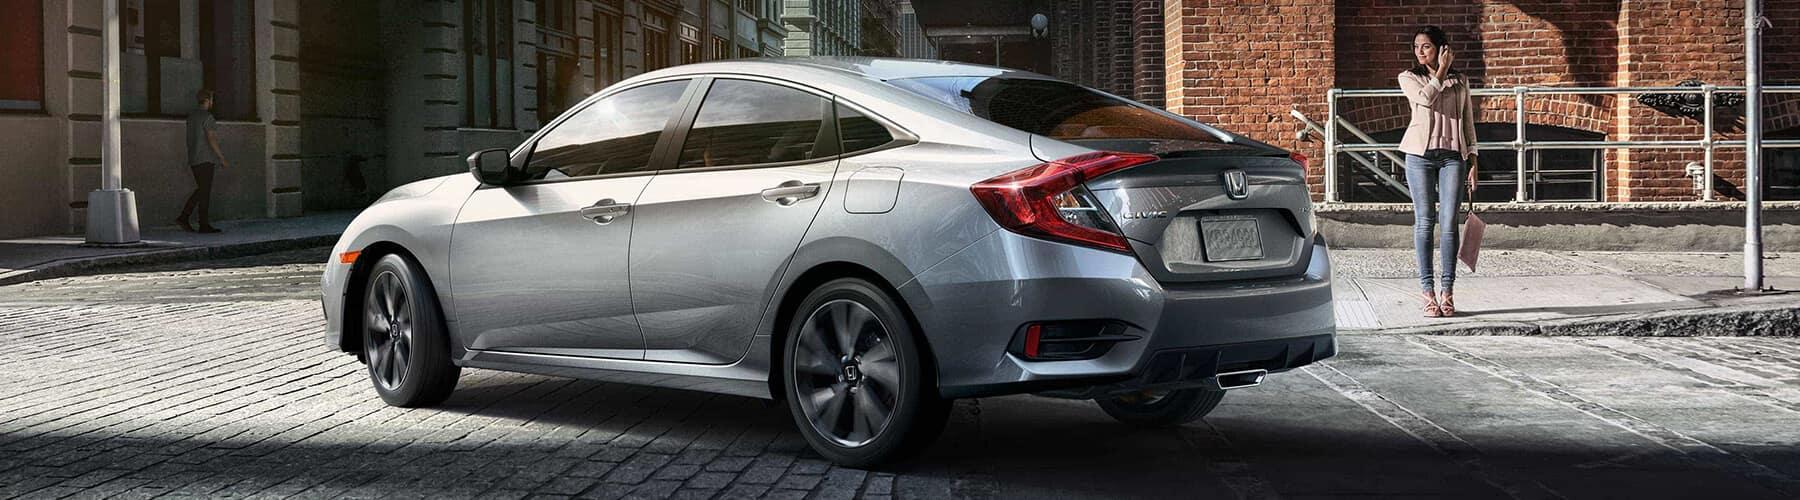 2020 Honda Civic Sedan Slider